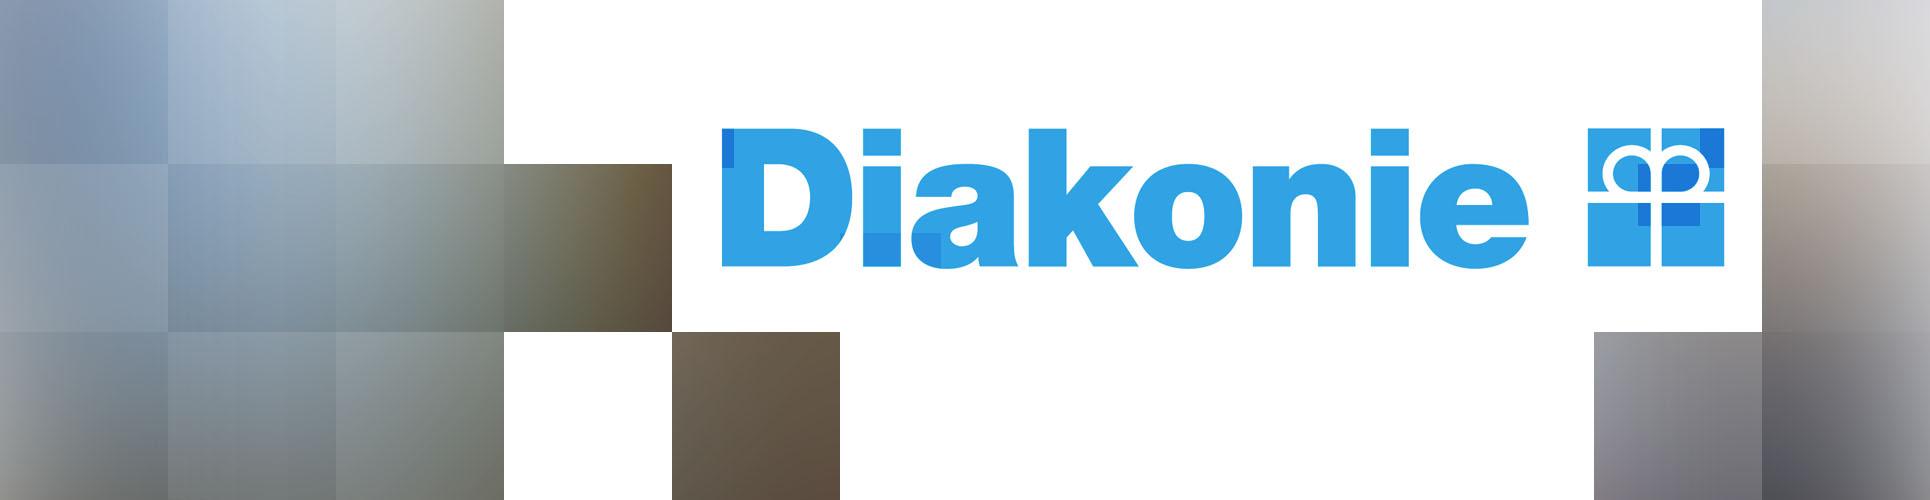 evkd_Diakonie